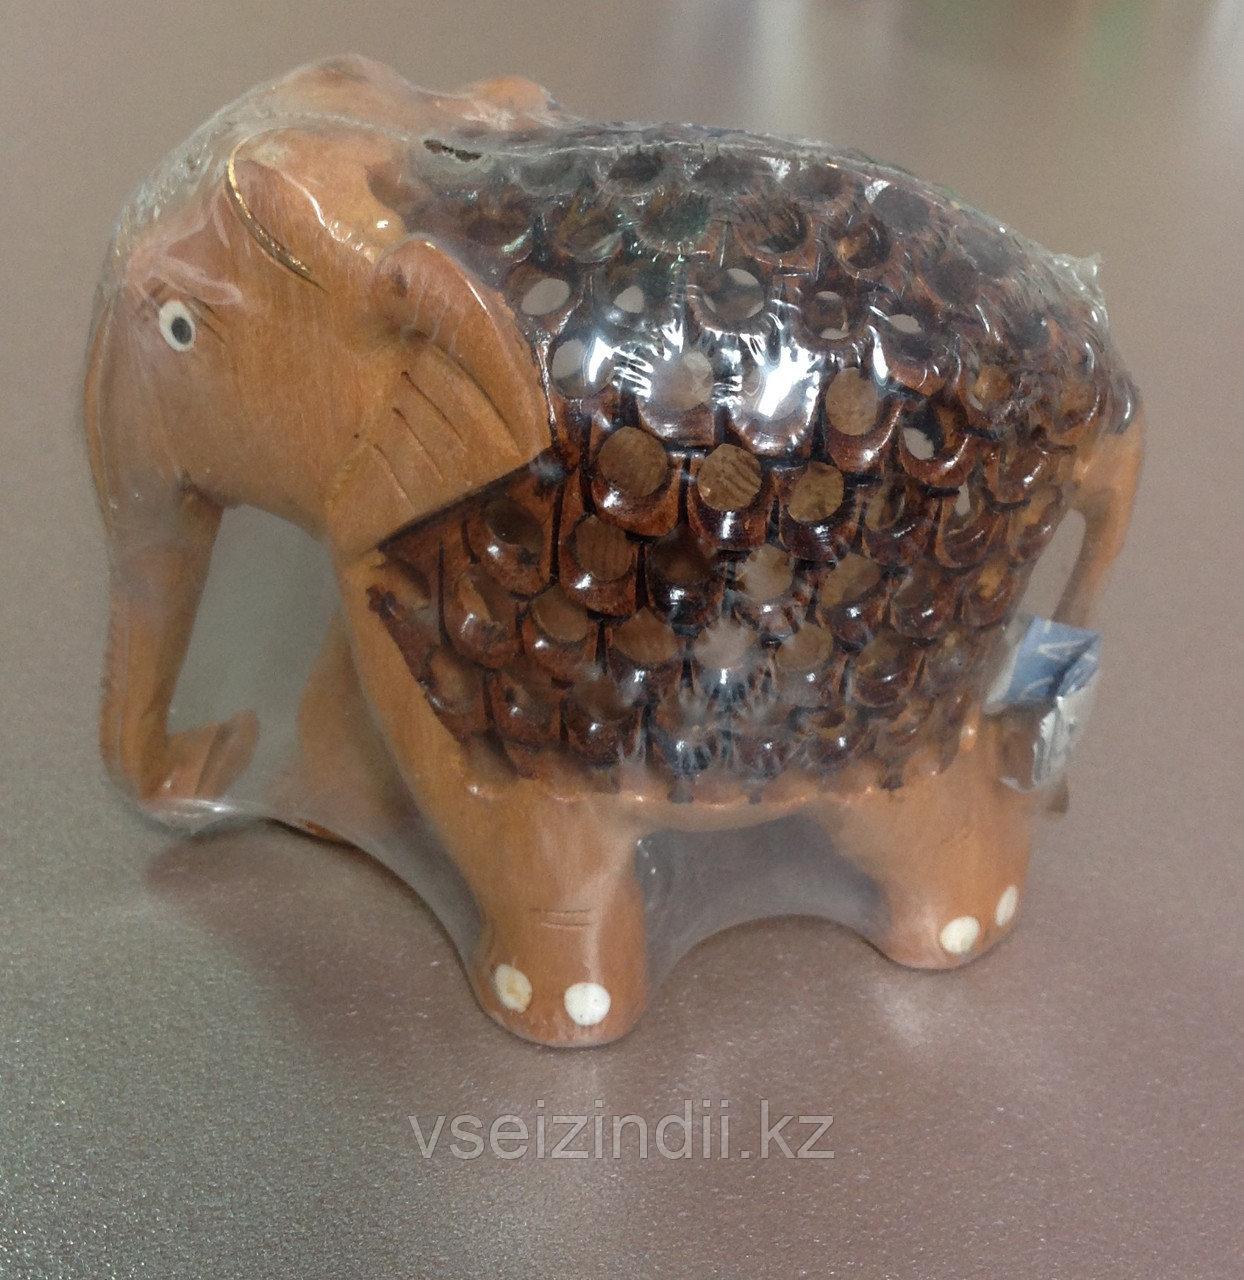 Статуэтка  беременная слониха, маленькая двухцветная деревянная